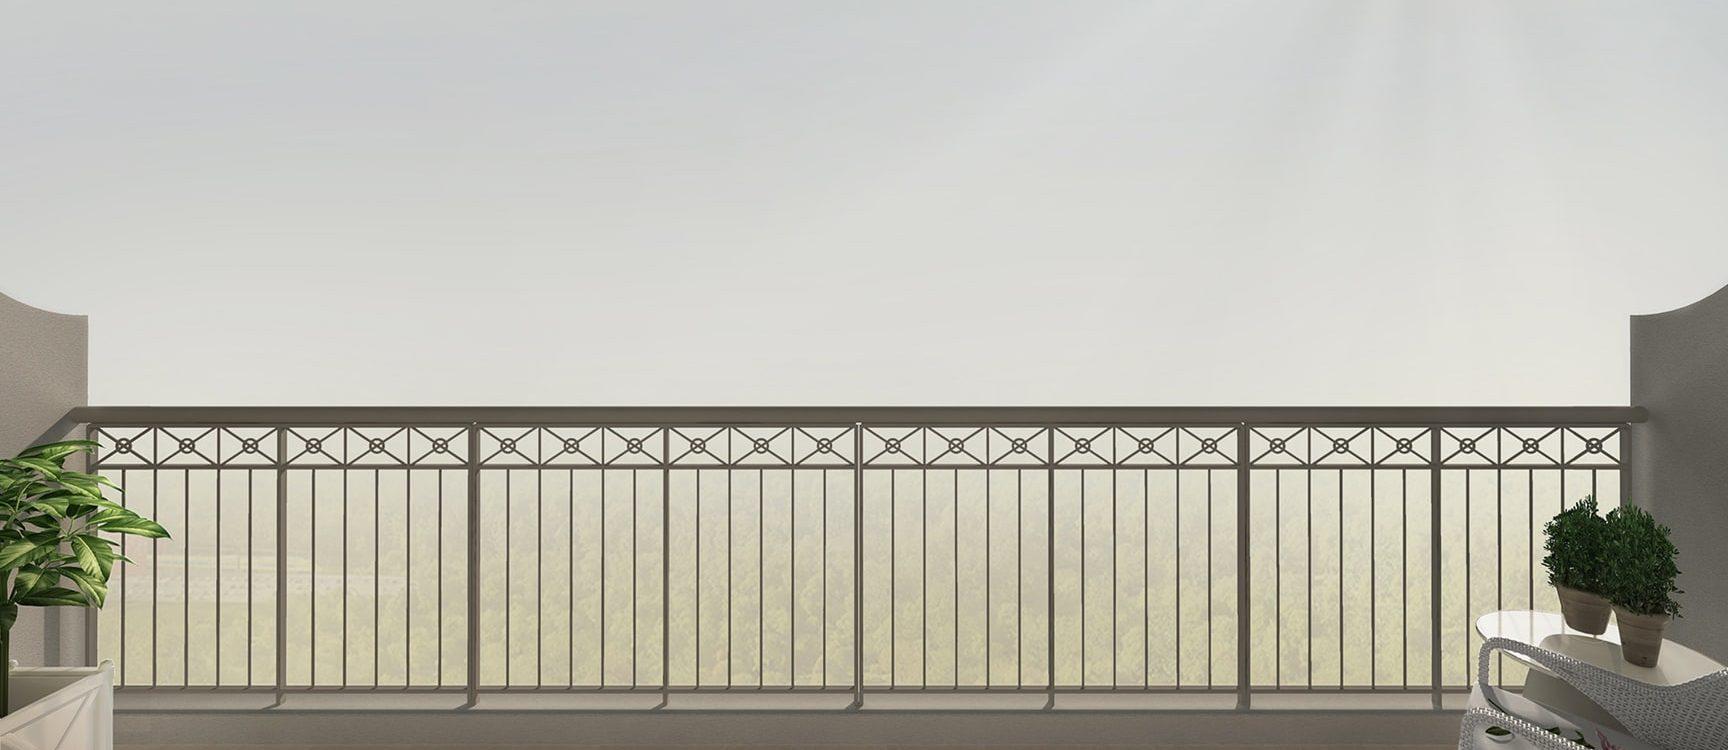 benessere balcony